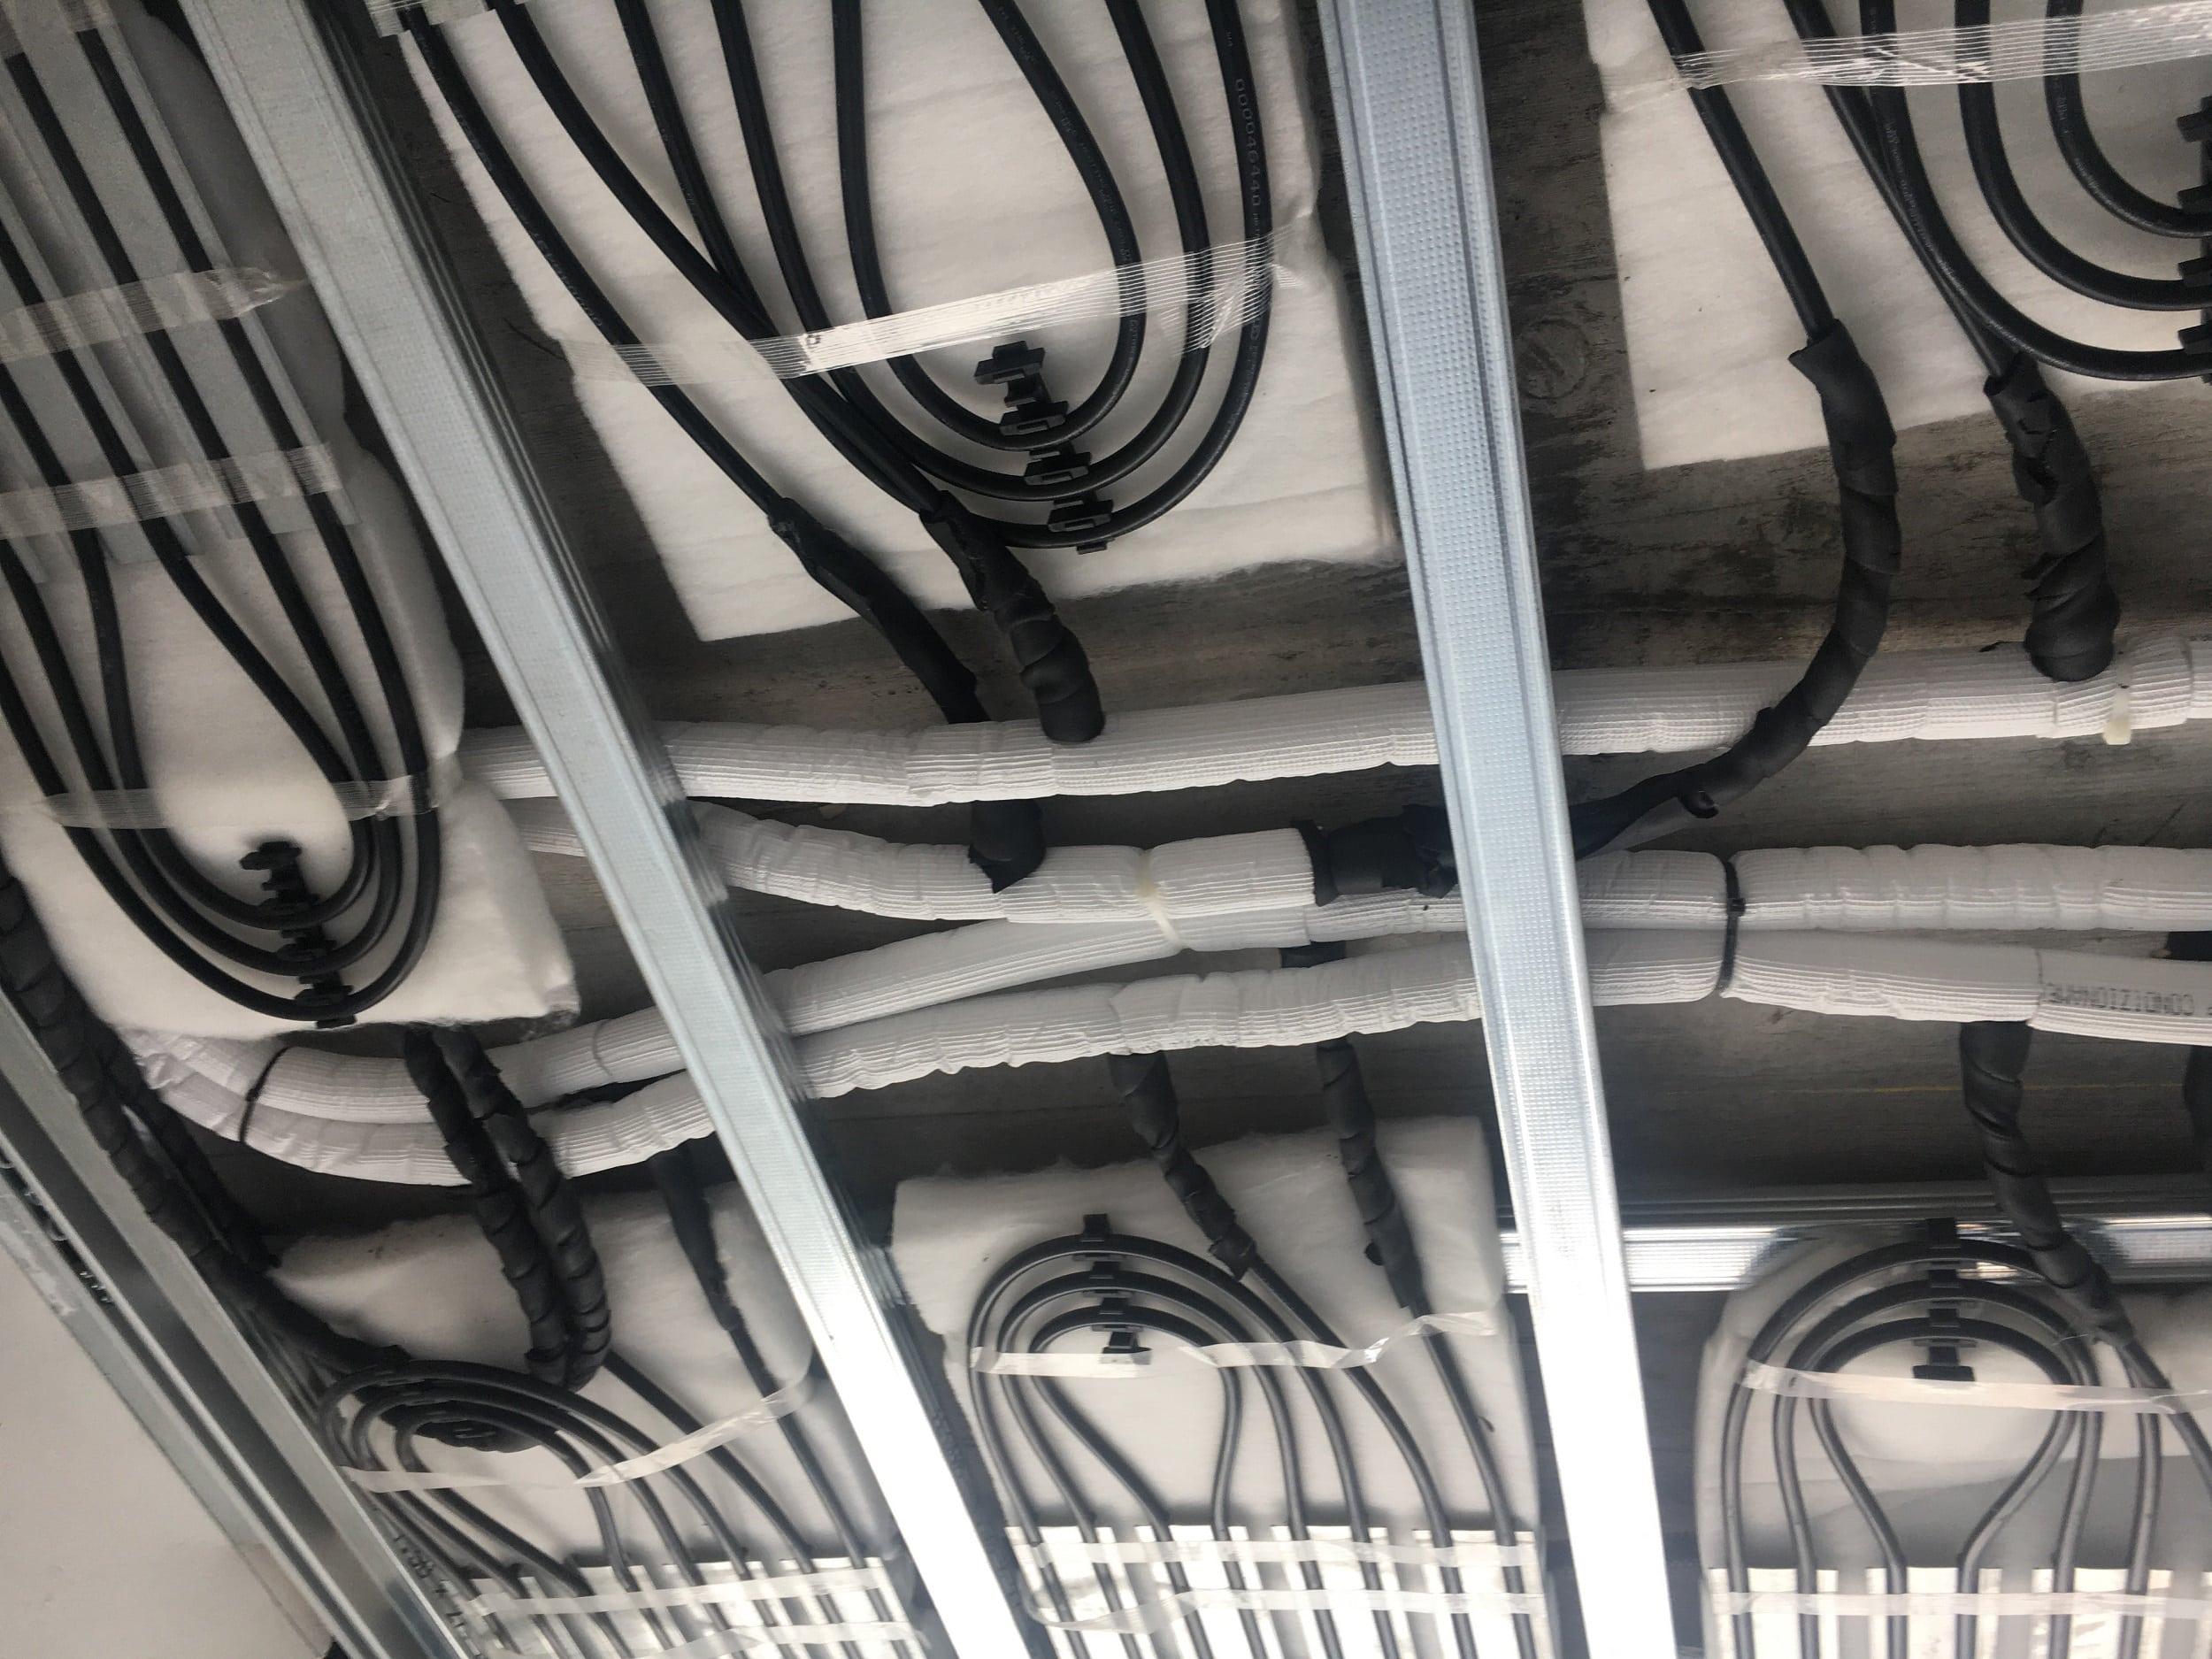 Pannelli Radianti Al Posto Dei Termosifoni visualizza articoli per tag: riscaldamento